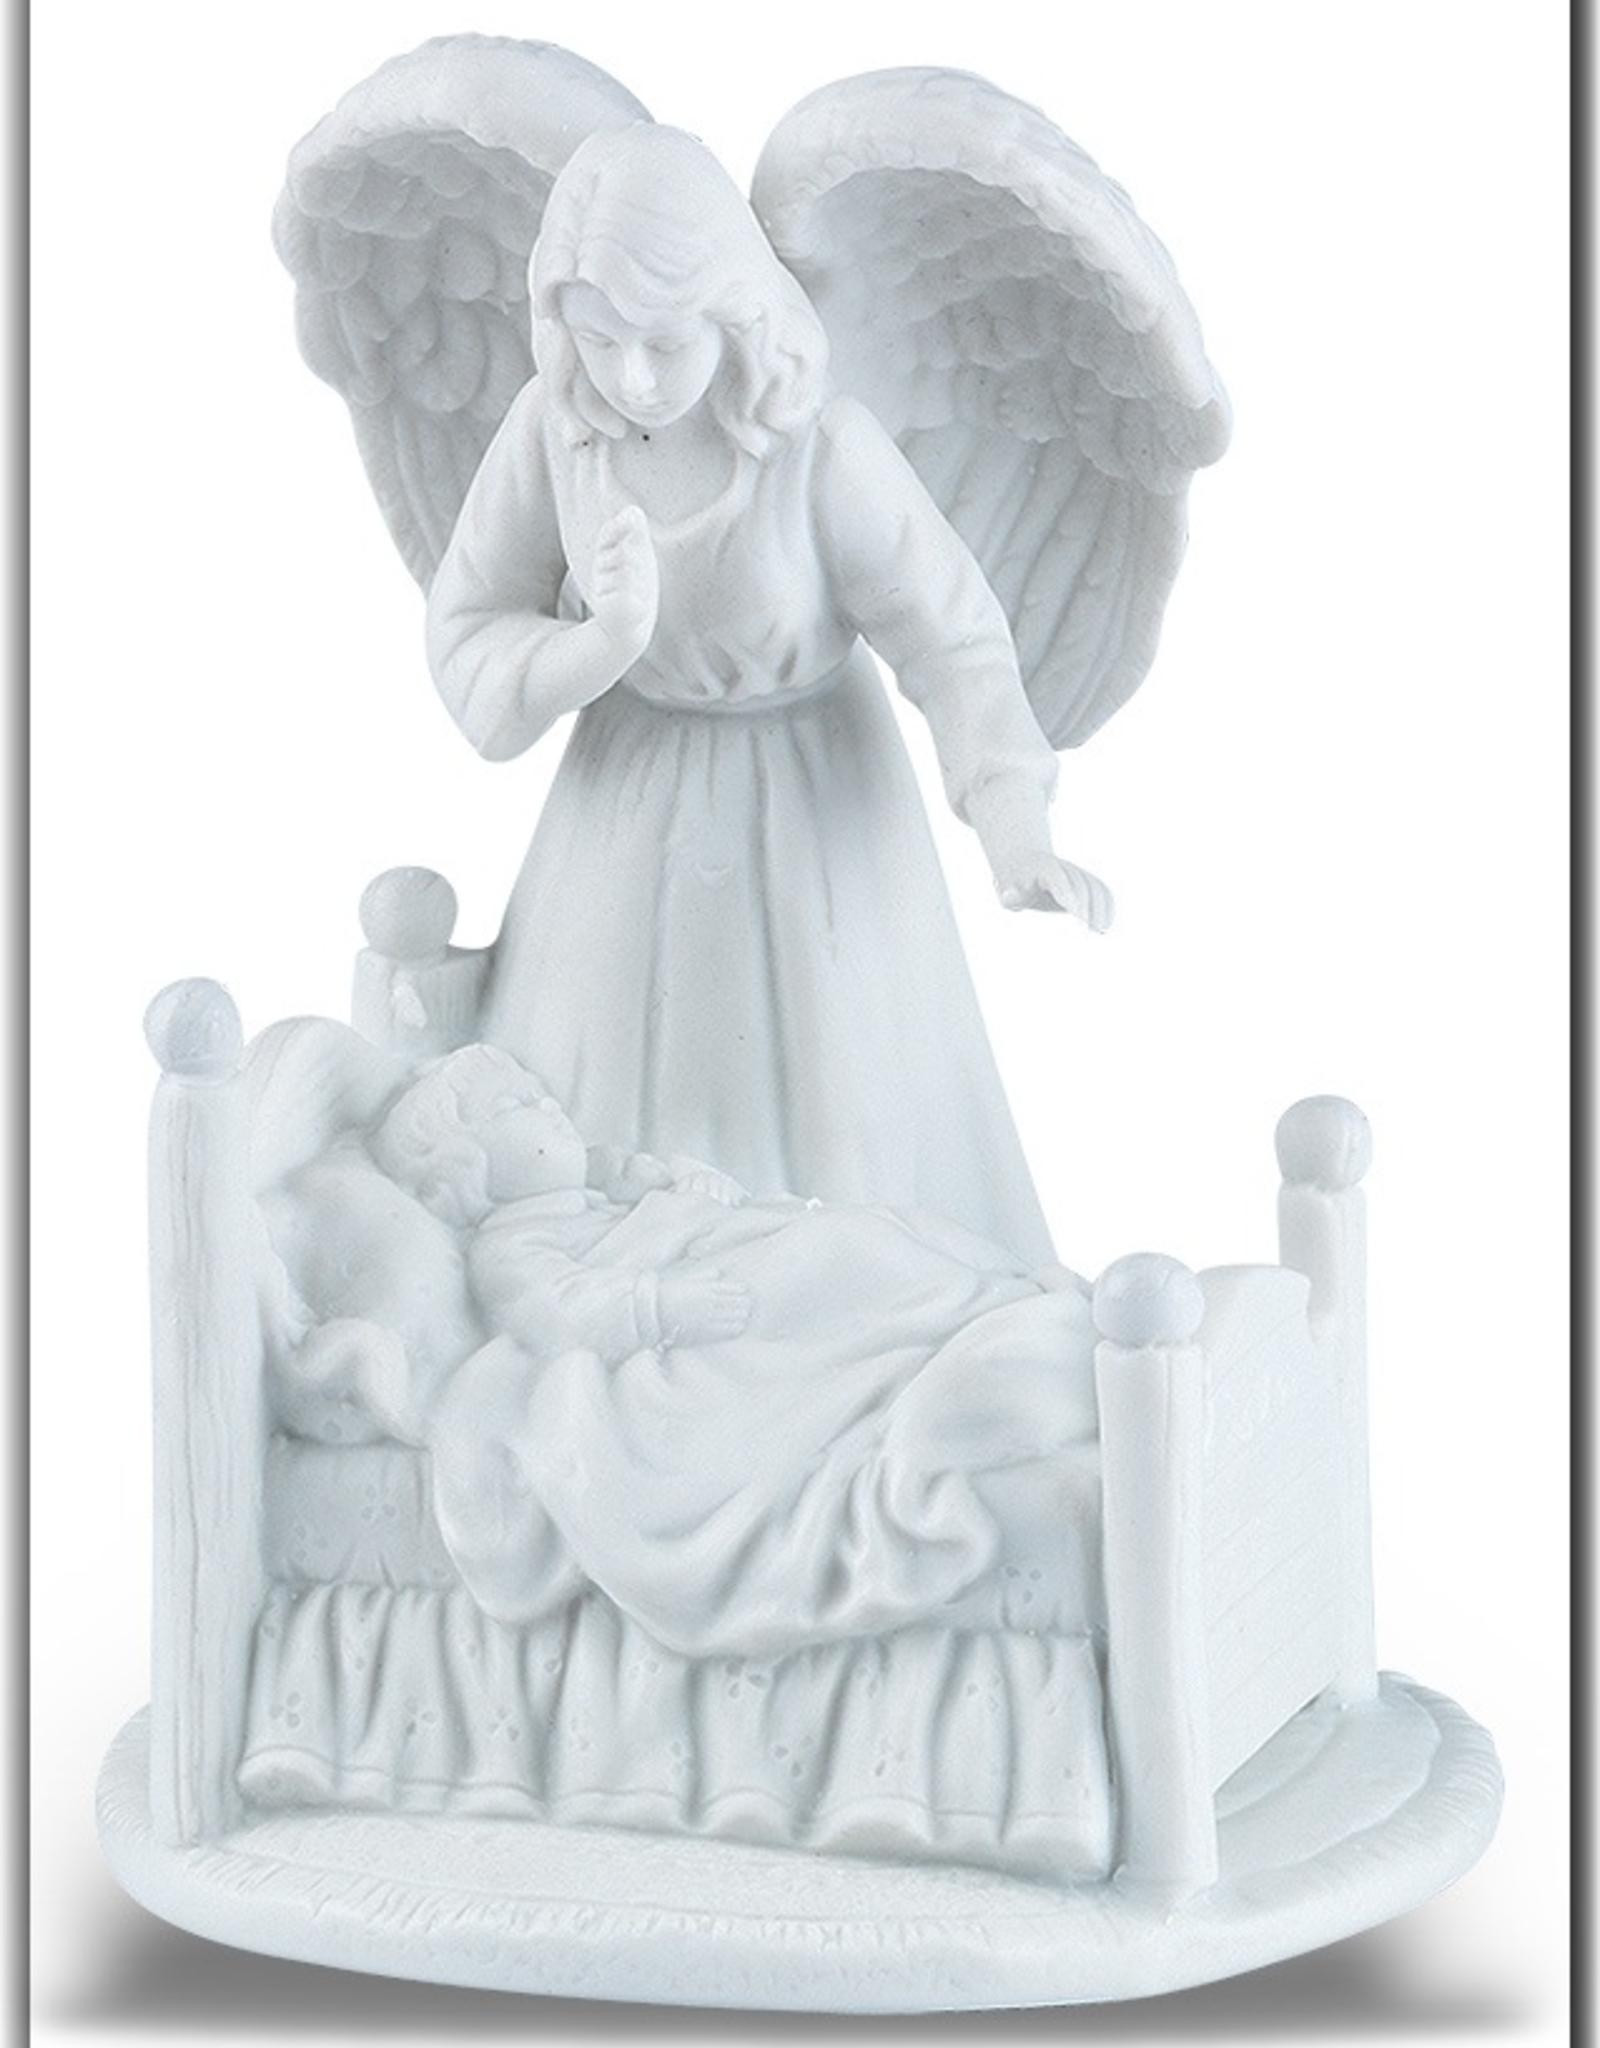 WJ Hirten Guardian Angel w/ Baby in White Porcelain Bisque Nightlight